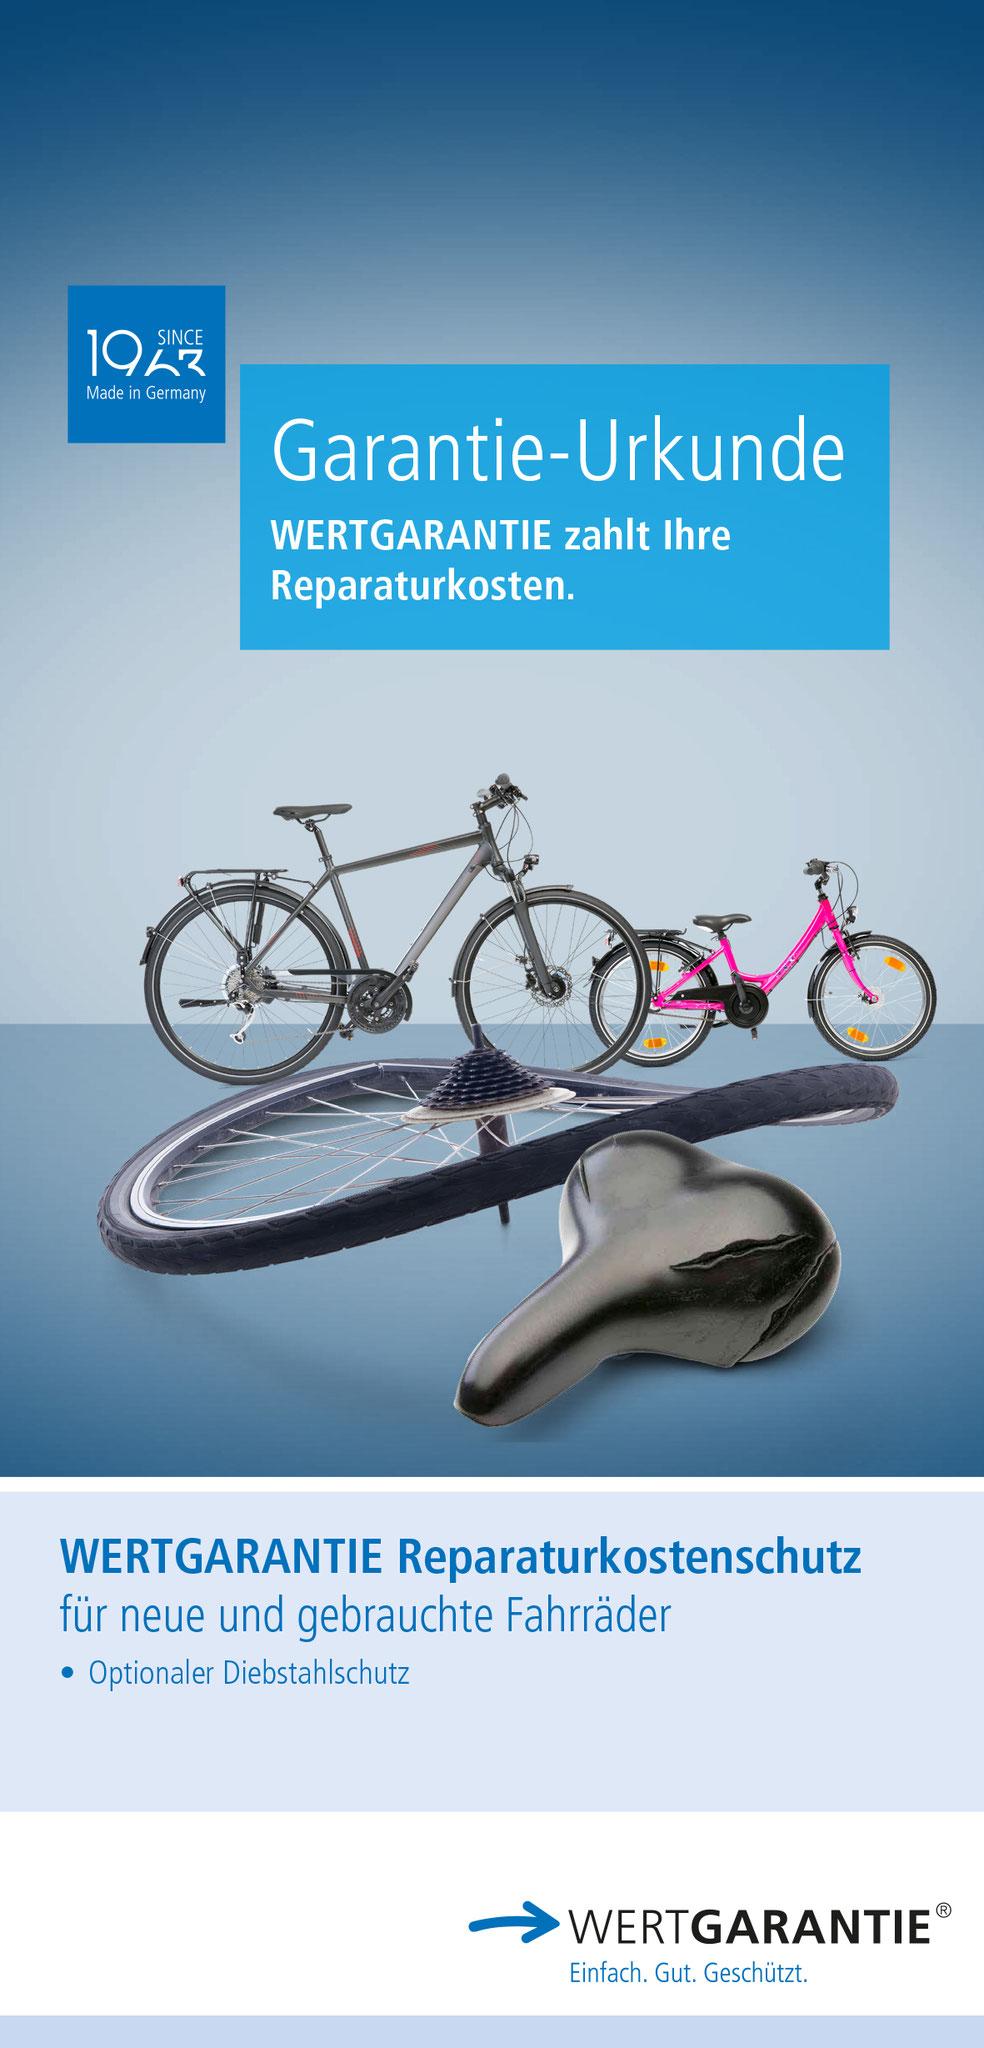 Der Wertgarantie Reparaturkostenschutz.